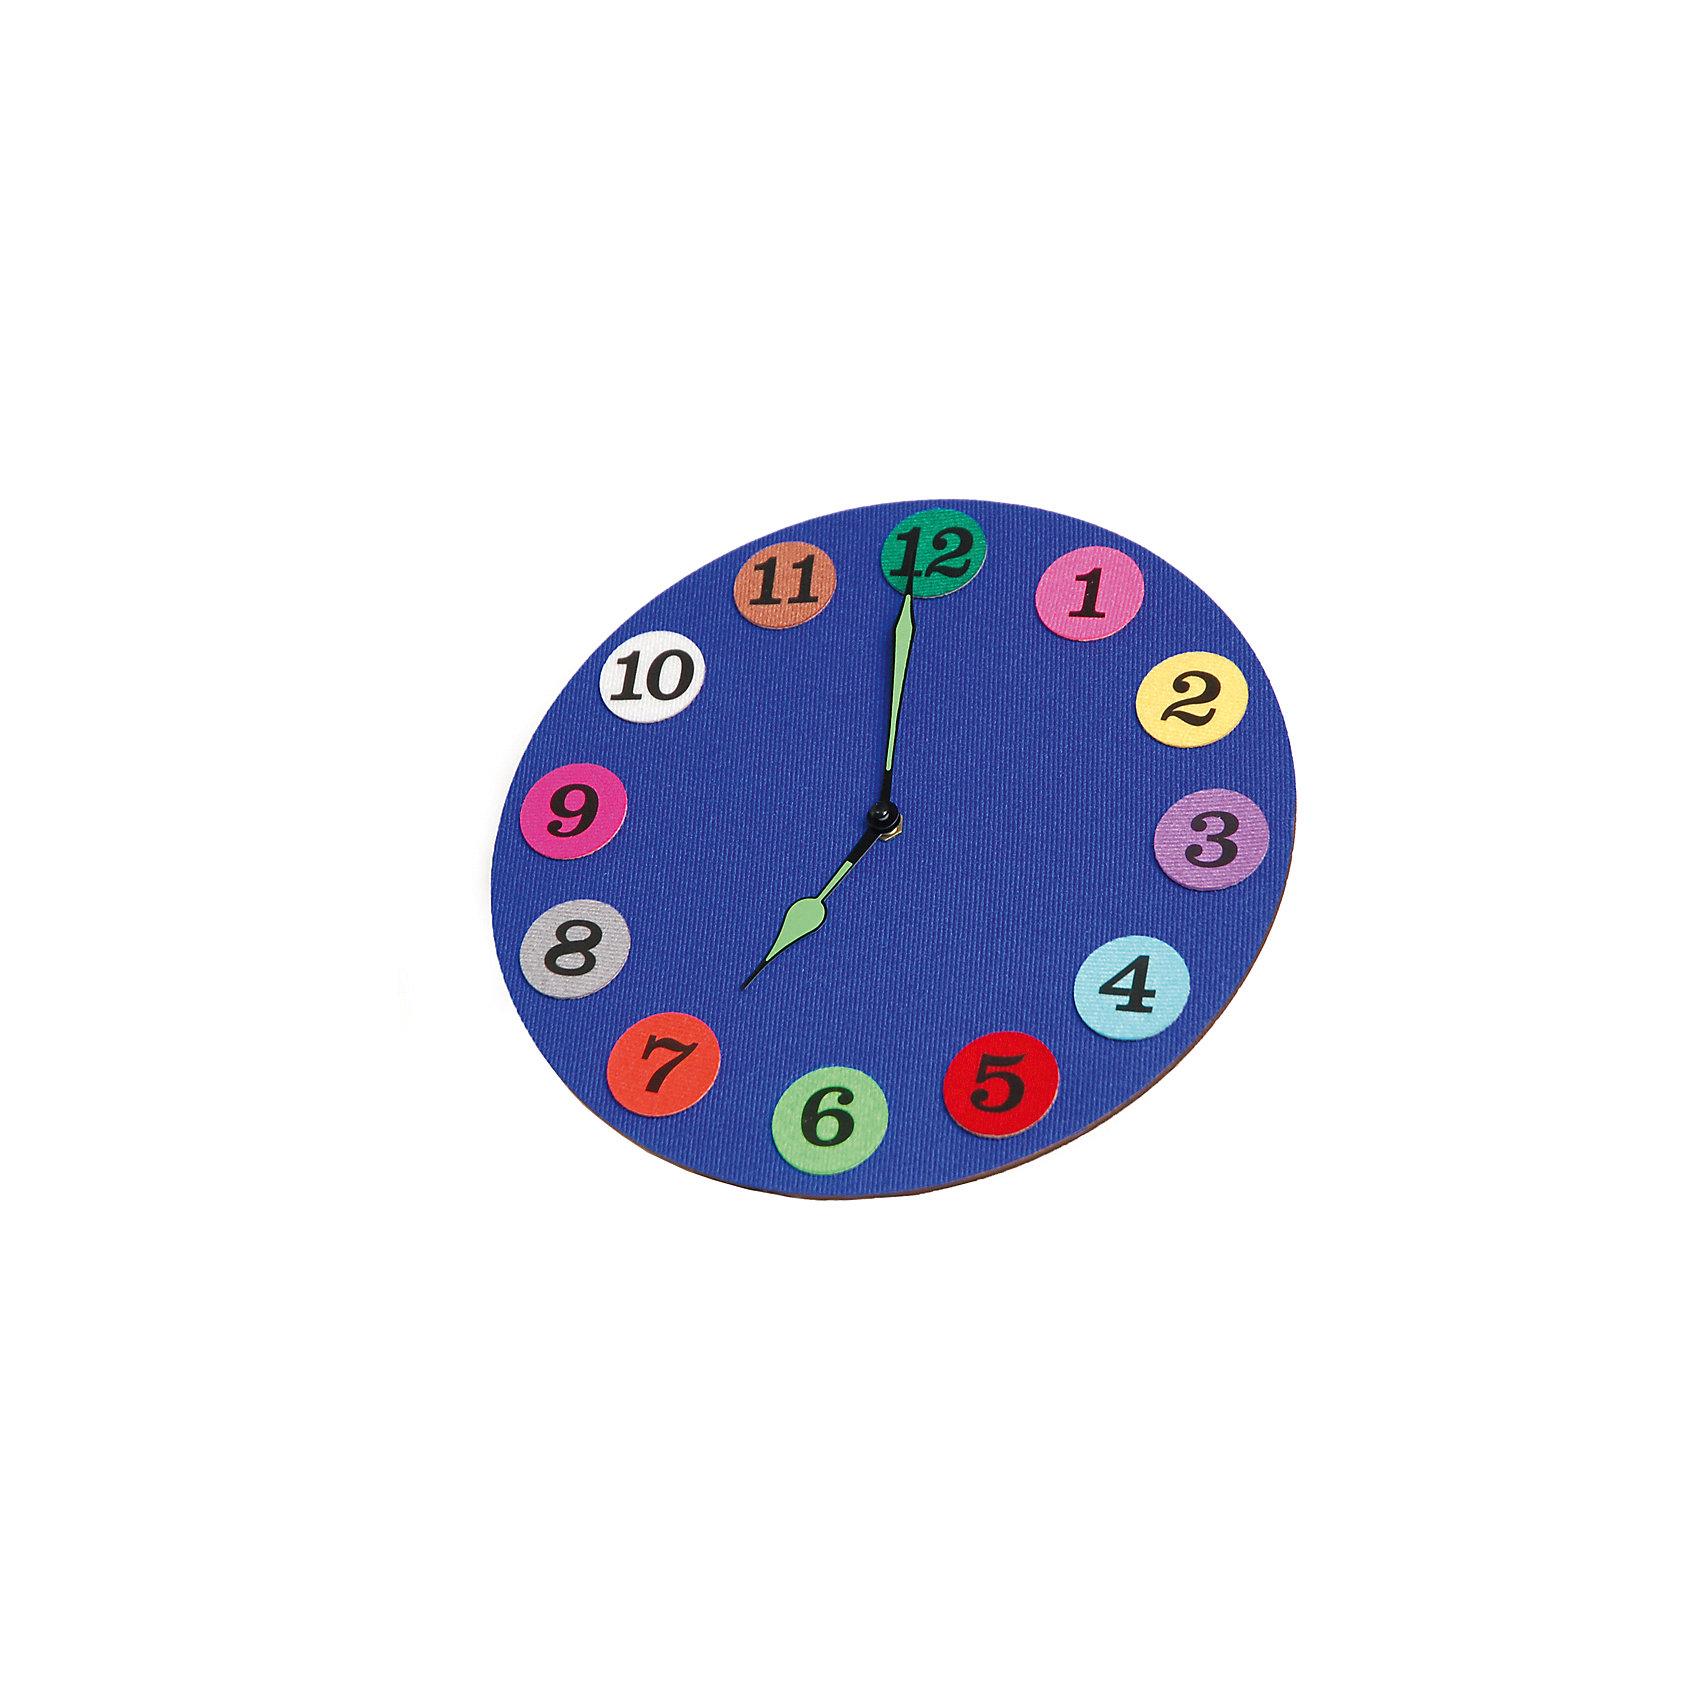 Стигисы Часы с мамойОбучающие игры<br>Часы с мамой – развивающая игра, c помощью которой ребенок научится:<br><br>- считать  до 12;<br>- прикрепляя цифры к циферблату, изучит их написание;<br>- с легкостью научится определять время с точностью до получаса, используя только часовую стрелку;<br>- по мере роста, добавив минутную стрелку, научится пользоваться настоящими часами;<br>- сможет  сказать который час и названия цветов не только по-русски, но и по-английски.<br>В набор входит:<br>часовой механизм – 1 шт.;<br>деревянный циферблат – 1 шт.;<br>кружочки с цифрами из плотной трехслойной ткани на липучках – 12 шт.;<br>часовая и минутная стрелки;<br>сборник методических рекомендаций по изучению времени на русском языке, а также обучению цифрам, цветам и времени на английском языке;<br>инструкция по сборке часов.<br><br>Ширина мм: 27<br>Глубина мм: 27<br>Высота мм: 4<br>Вес г: 270<br>Возраст от месяцев: 48<br>Возраст до месяцев: 84<br>Пол: Унисекс<br>Возраст: Детский<br>SKU: 5543121